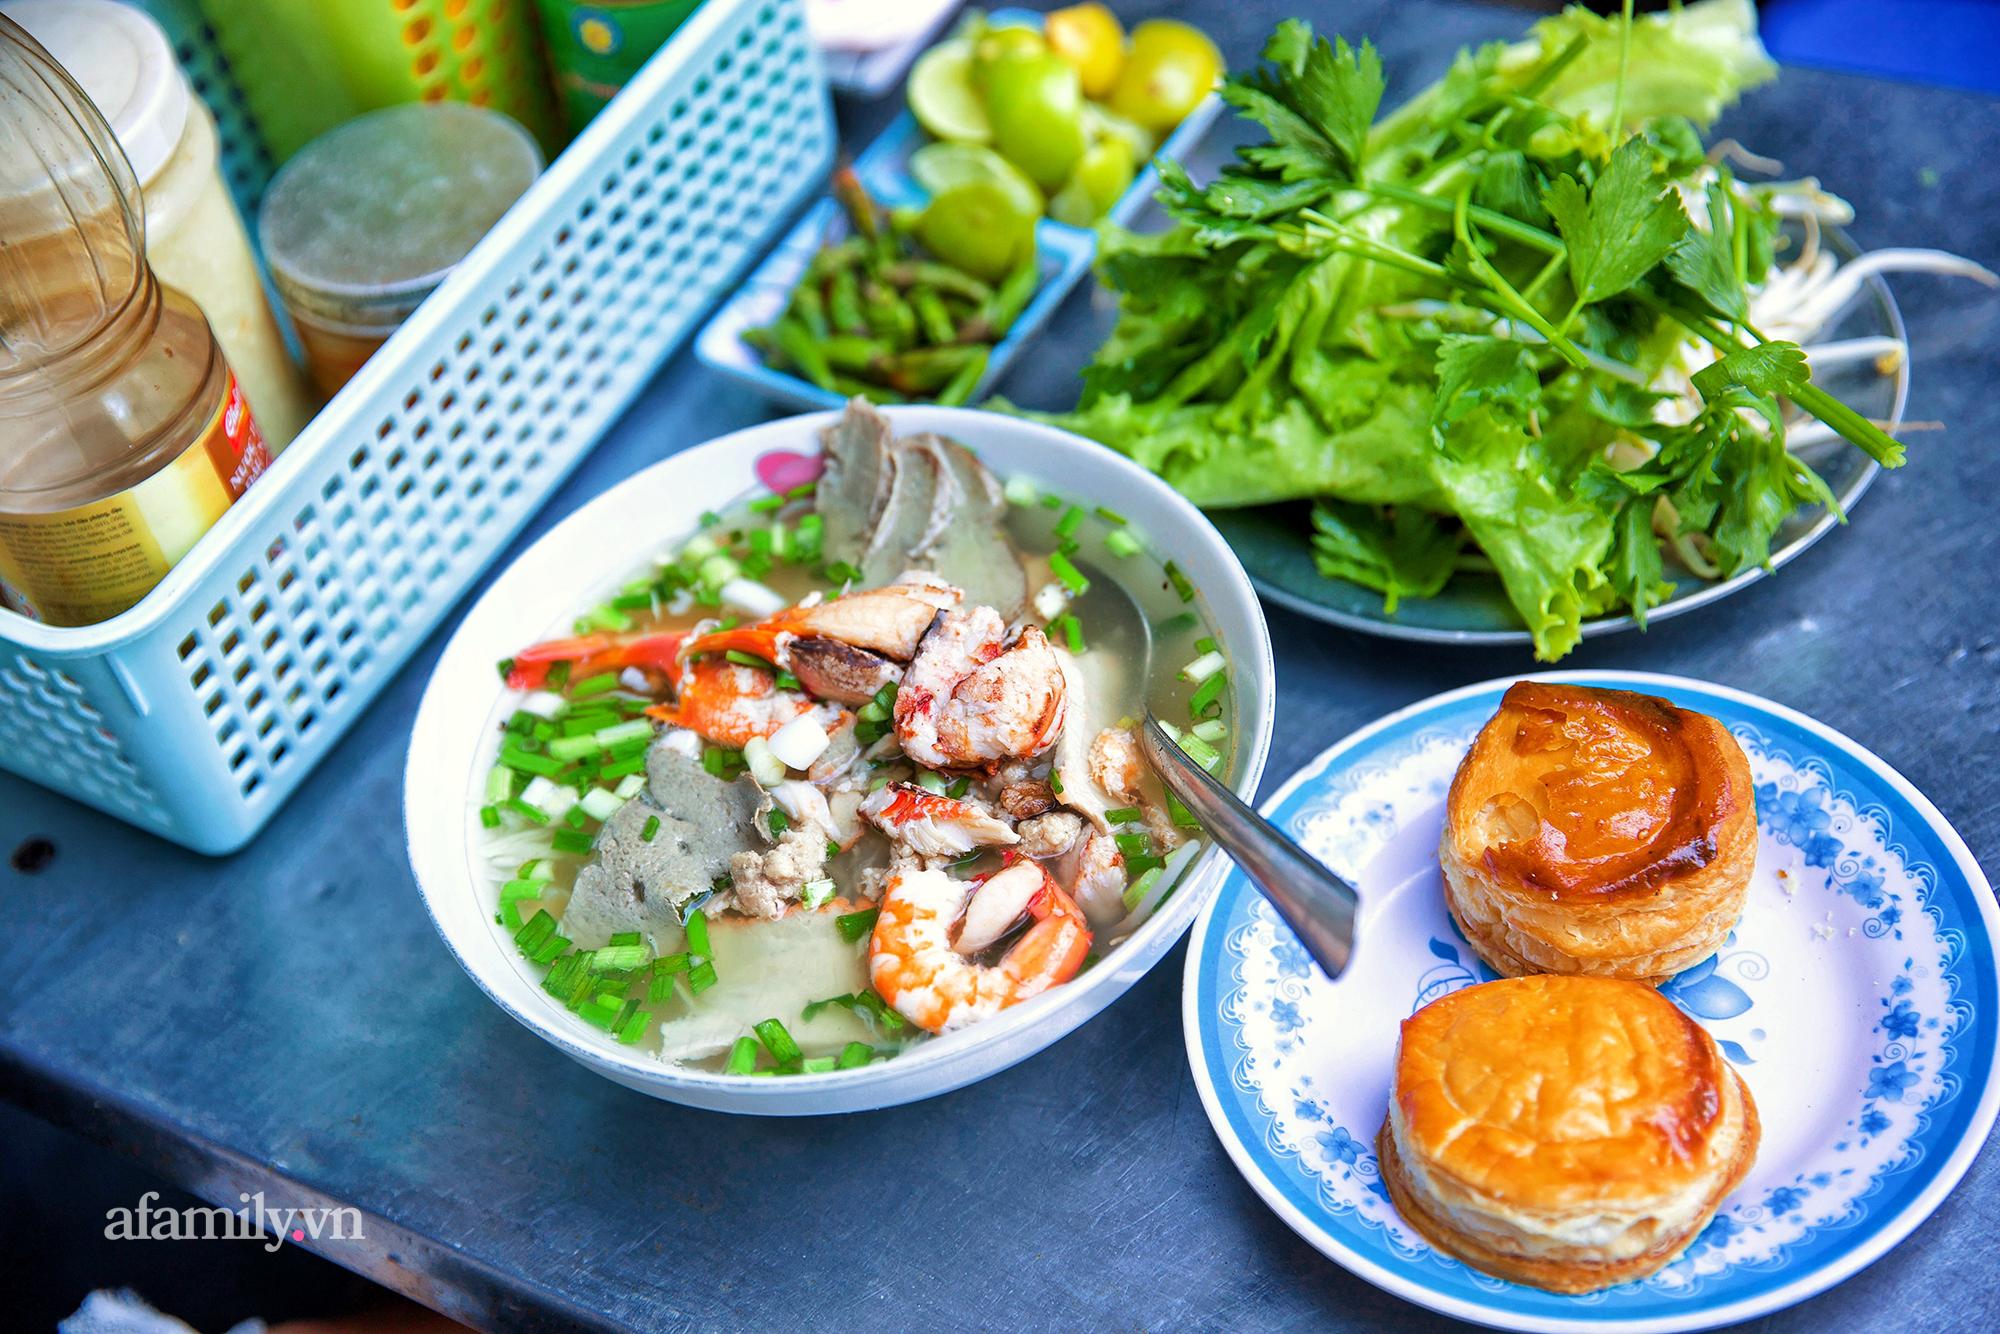 """Tiệm hủ tiếu hơn 70 năm nổi tiếng với nồi sốt cà chua hầm cả Sài Gòn không đâu có, sở hữu tấm bảng hiệu được """"định giá"""" nghìn đô và món bánh Pháp """"phải siêng mới được ăn!?"""" - Ảnh 10."""